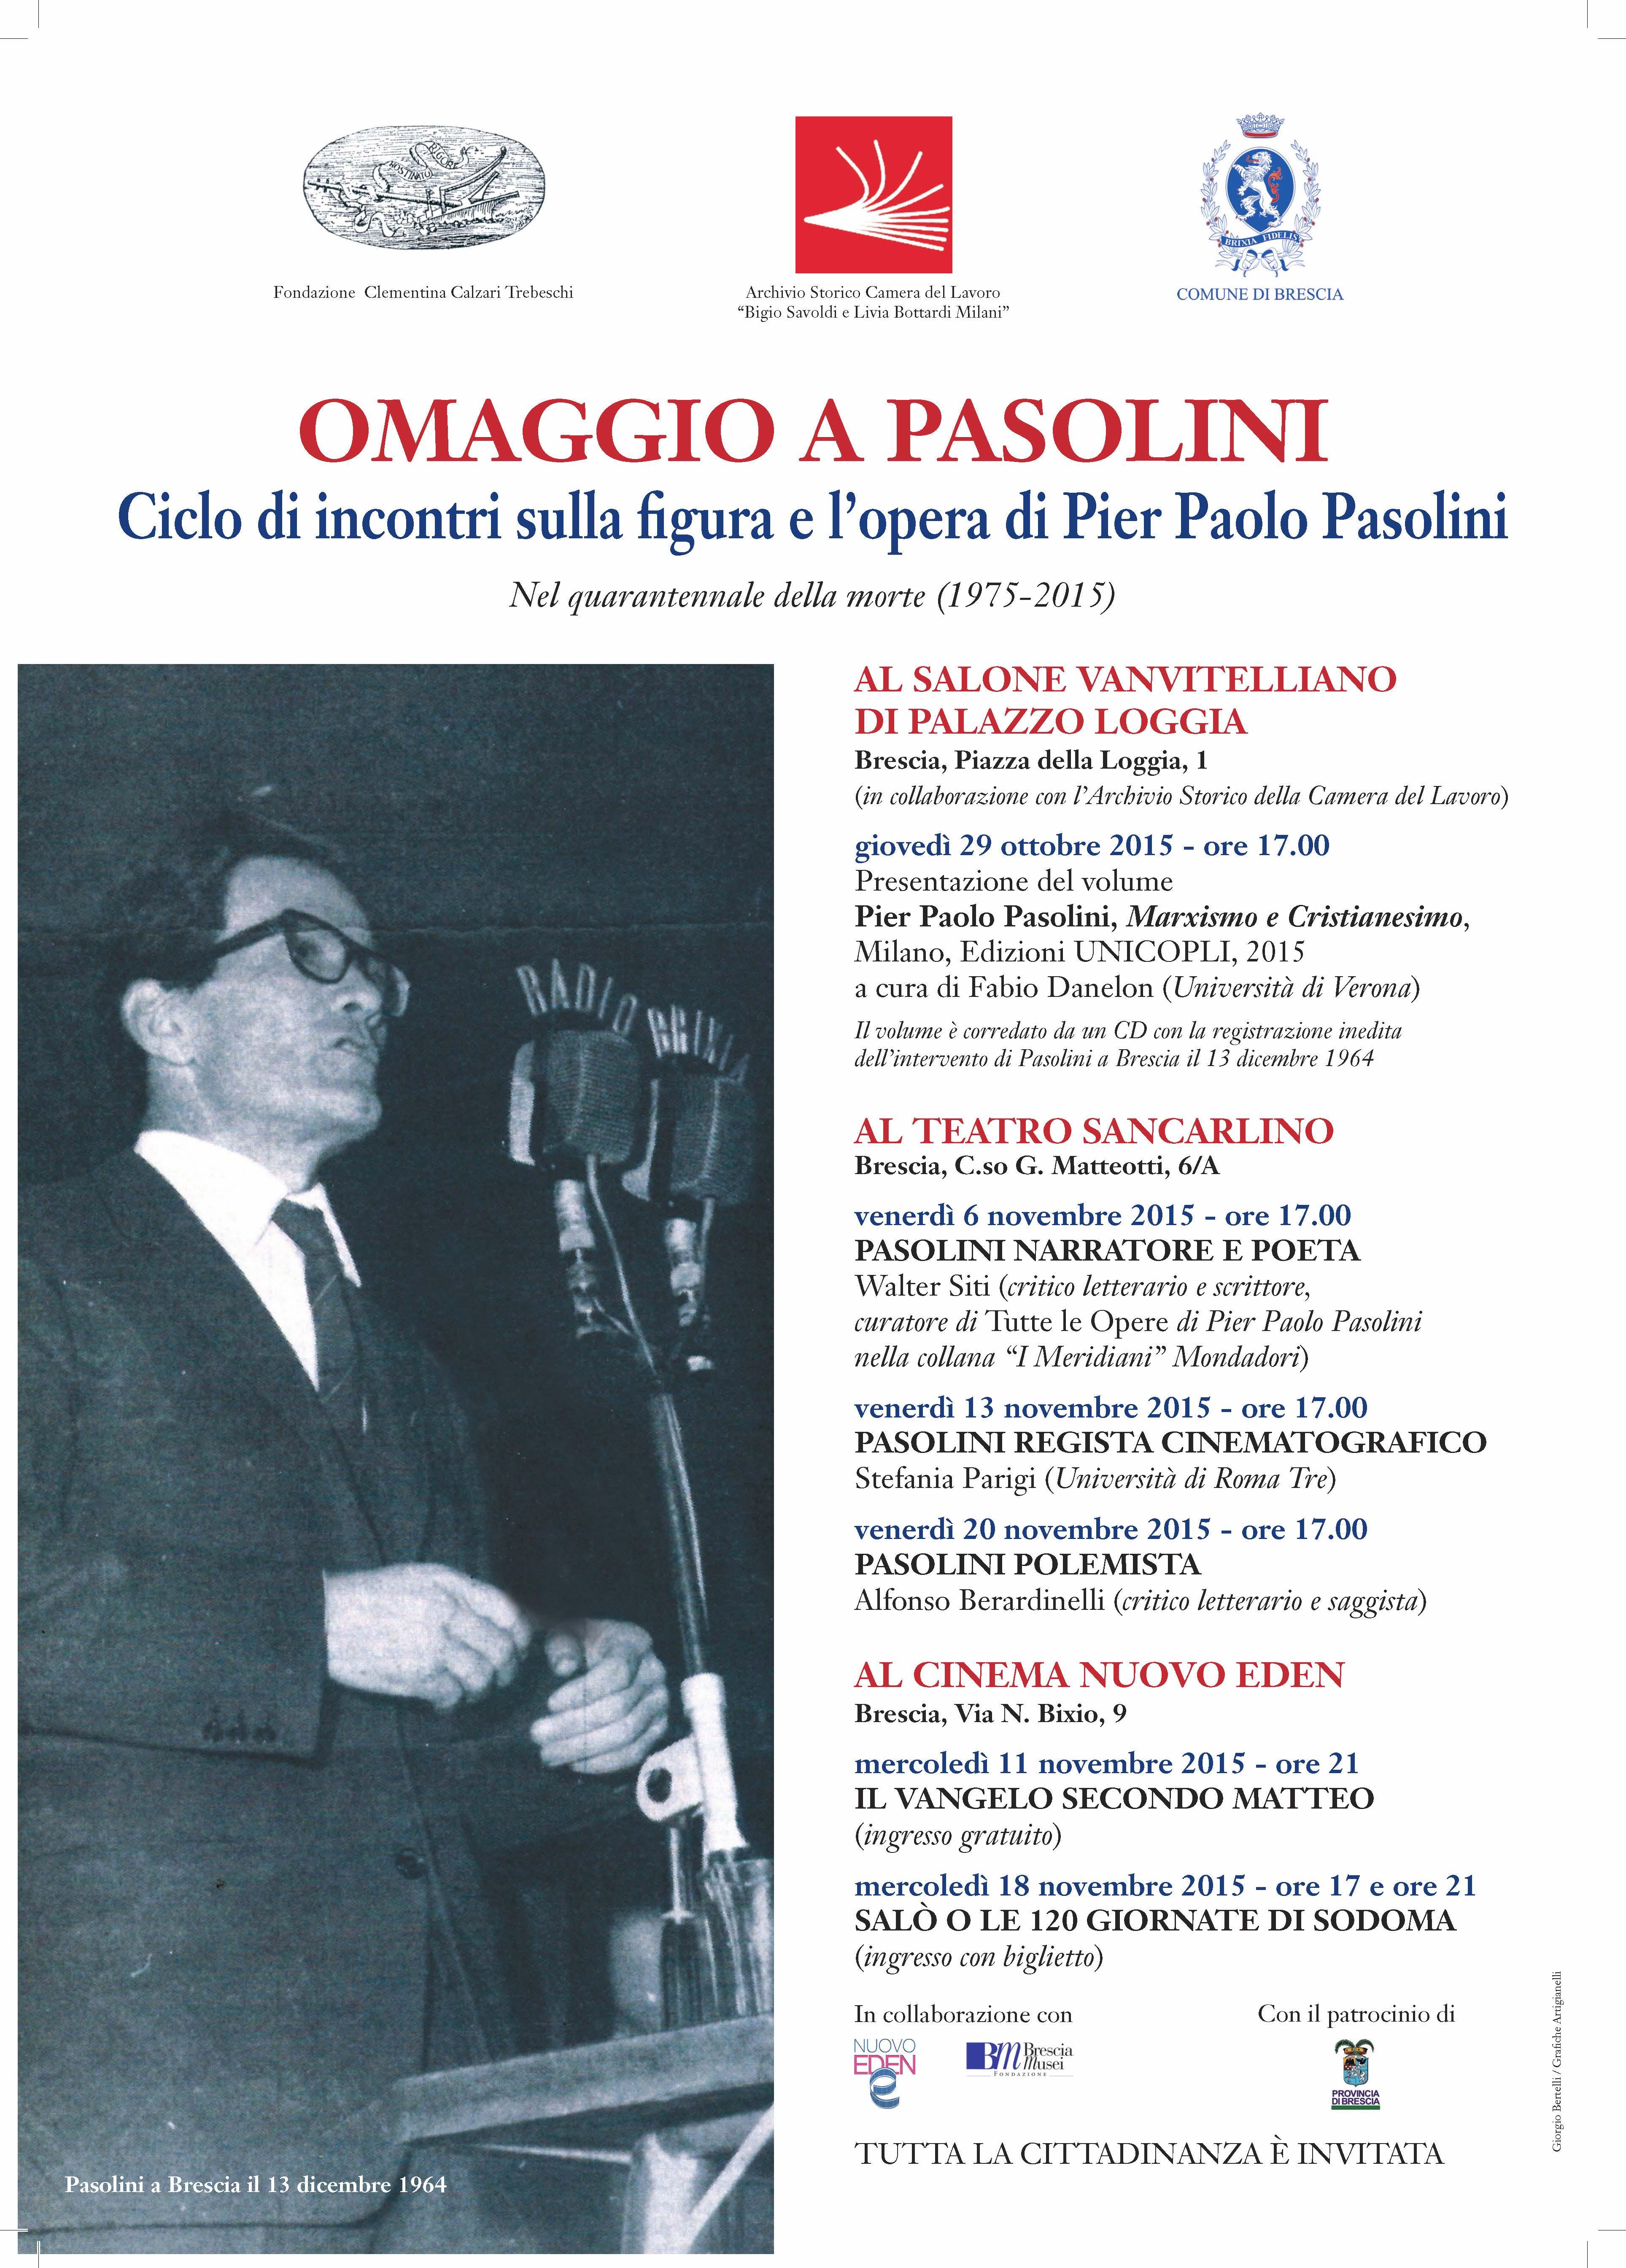 Omaggio a Pasolini